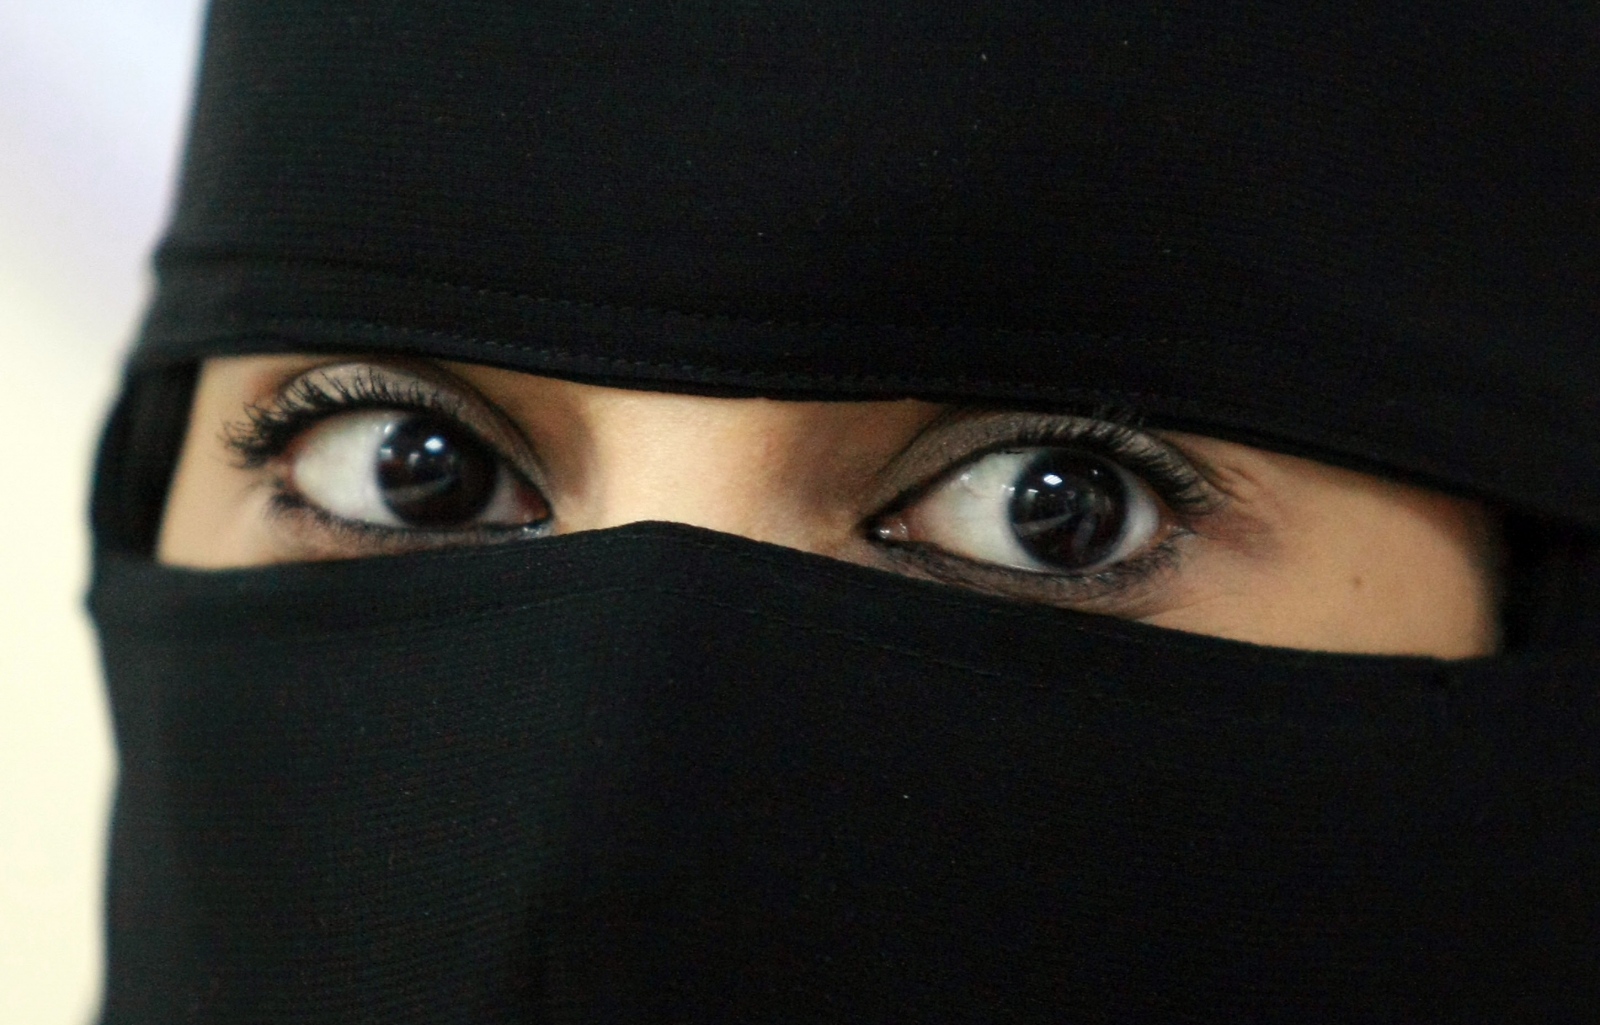 Saudi veil